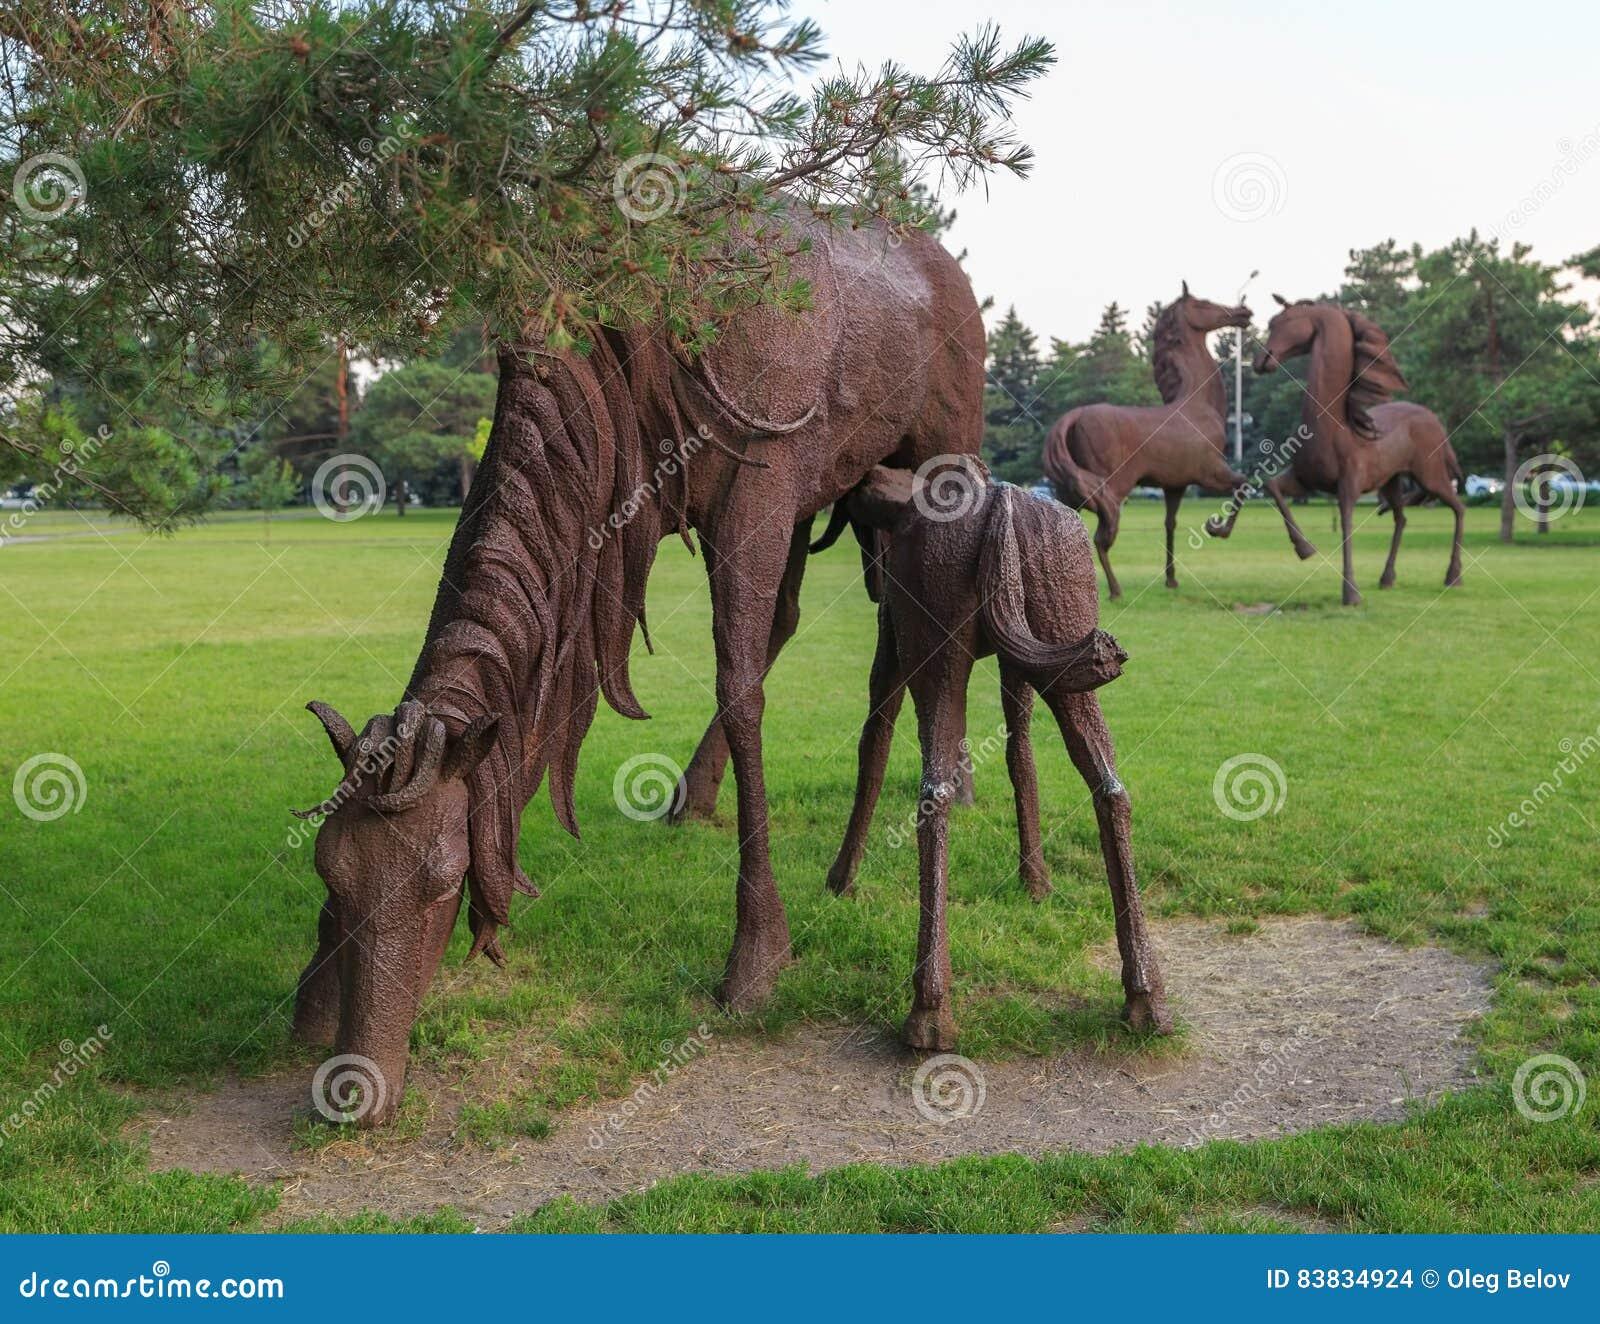 DON ROSJA, CZERWIEC, - 18, 2016: Rzeźba żelazni konie w parku miasto Rostov blisko lotniska